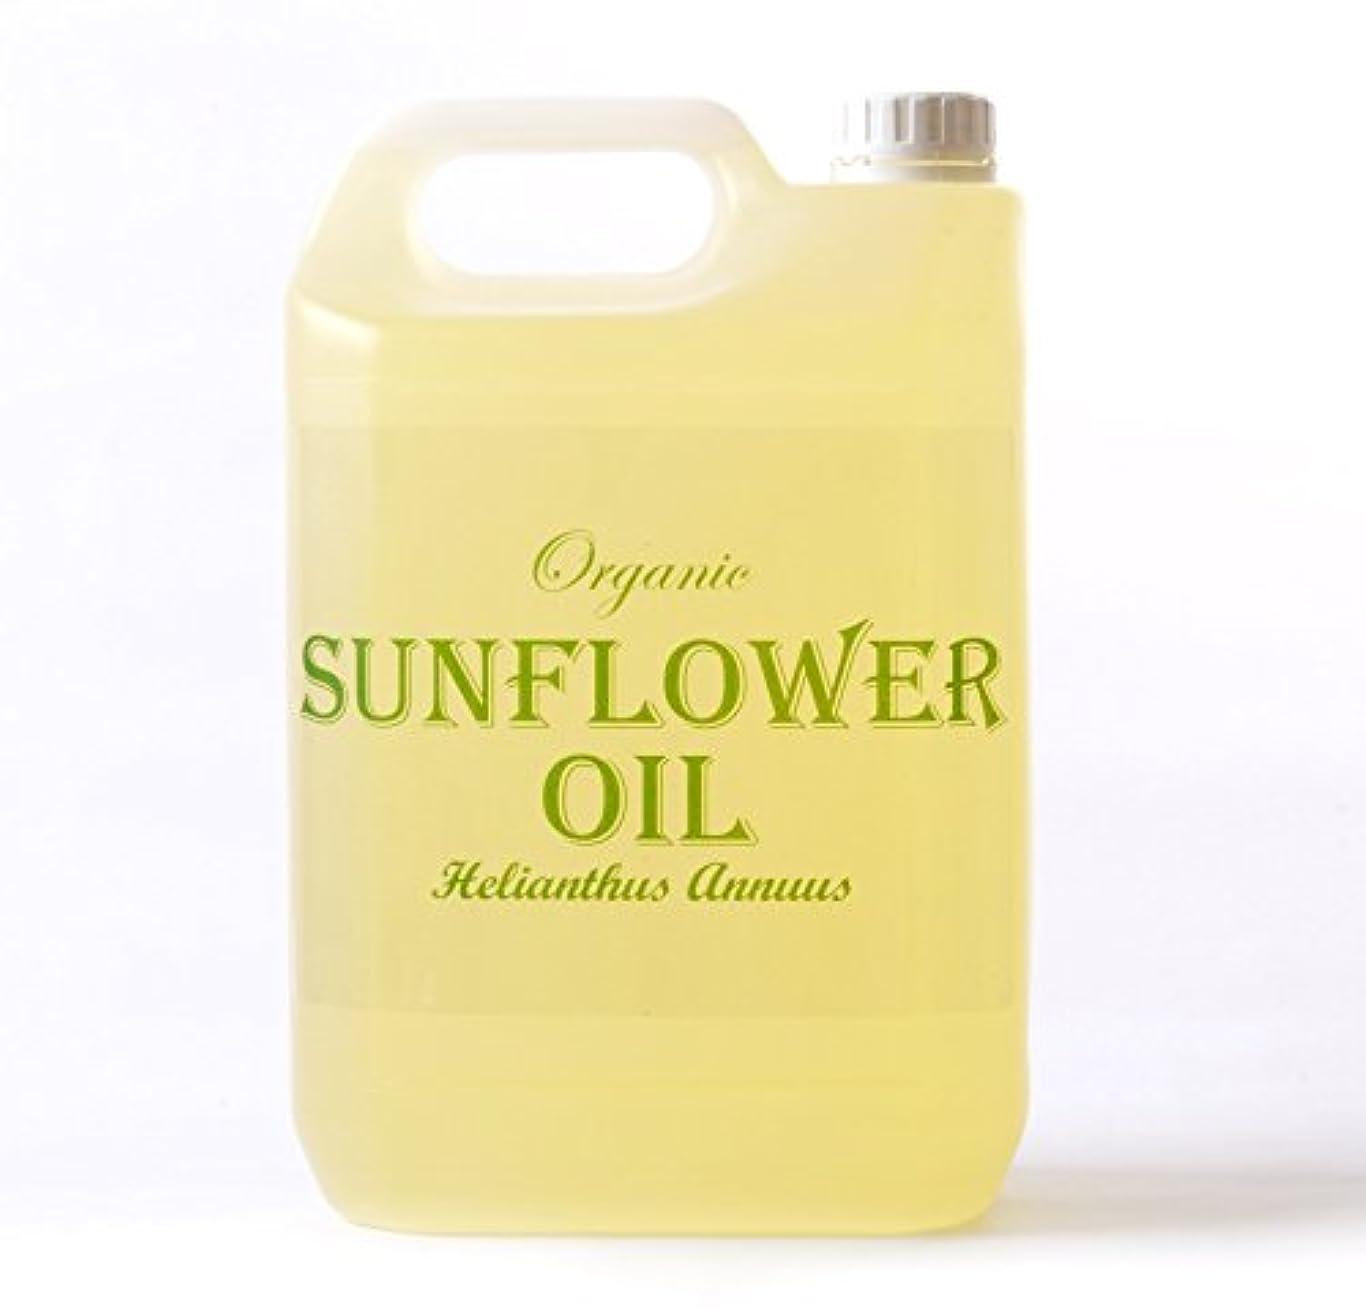 素晴らしい良い多くの避けられない債権者Mystic Moments | Sunflower Organic Carrier Oil - 5 Litres - 100% Pure